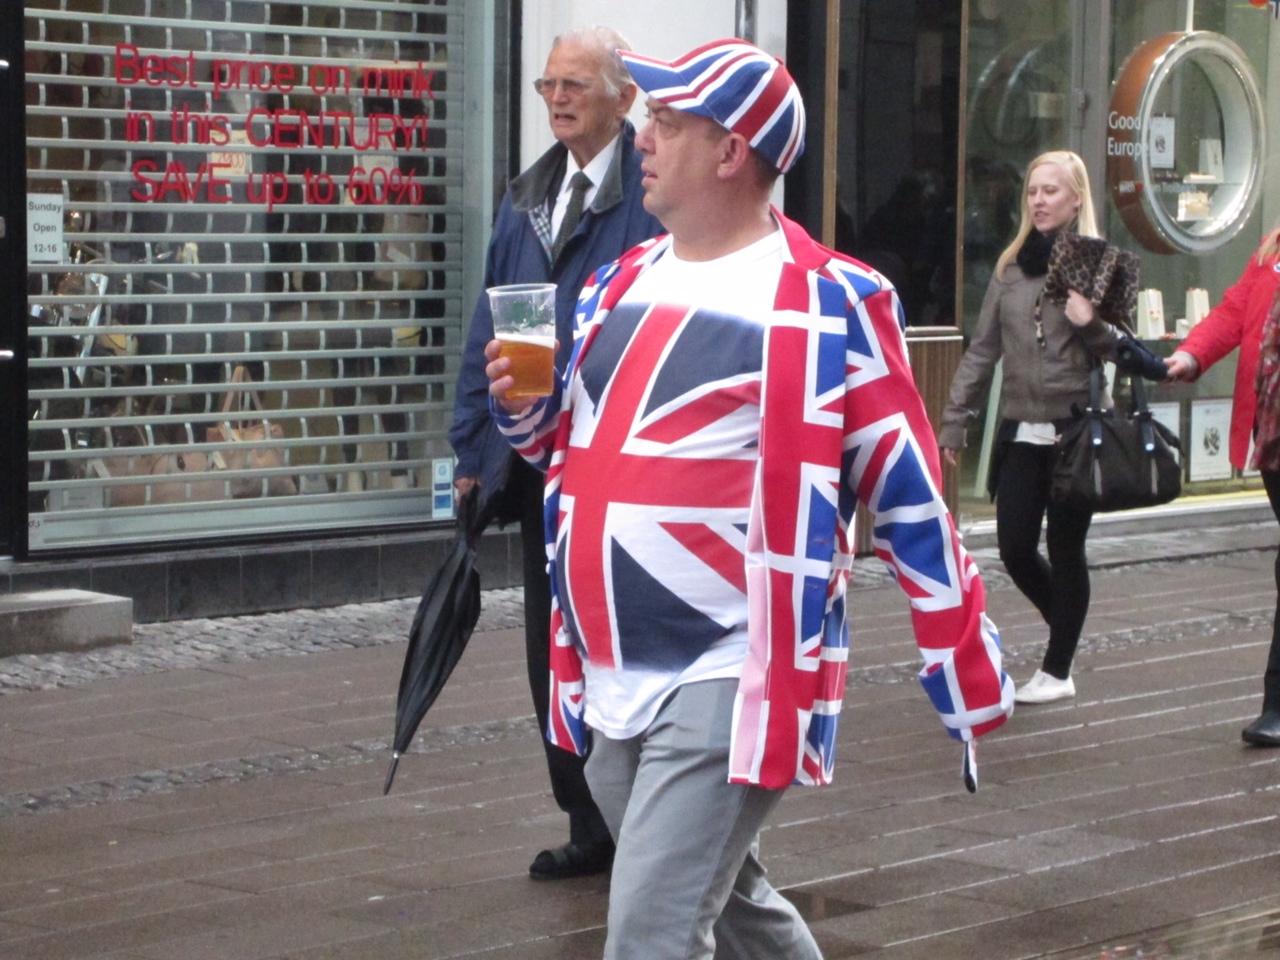 Uomo vestito con giacca e maglietta riproducenti la bandiera britannica